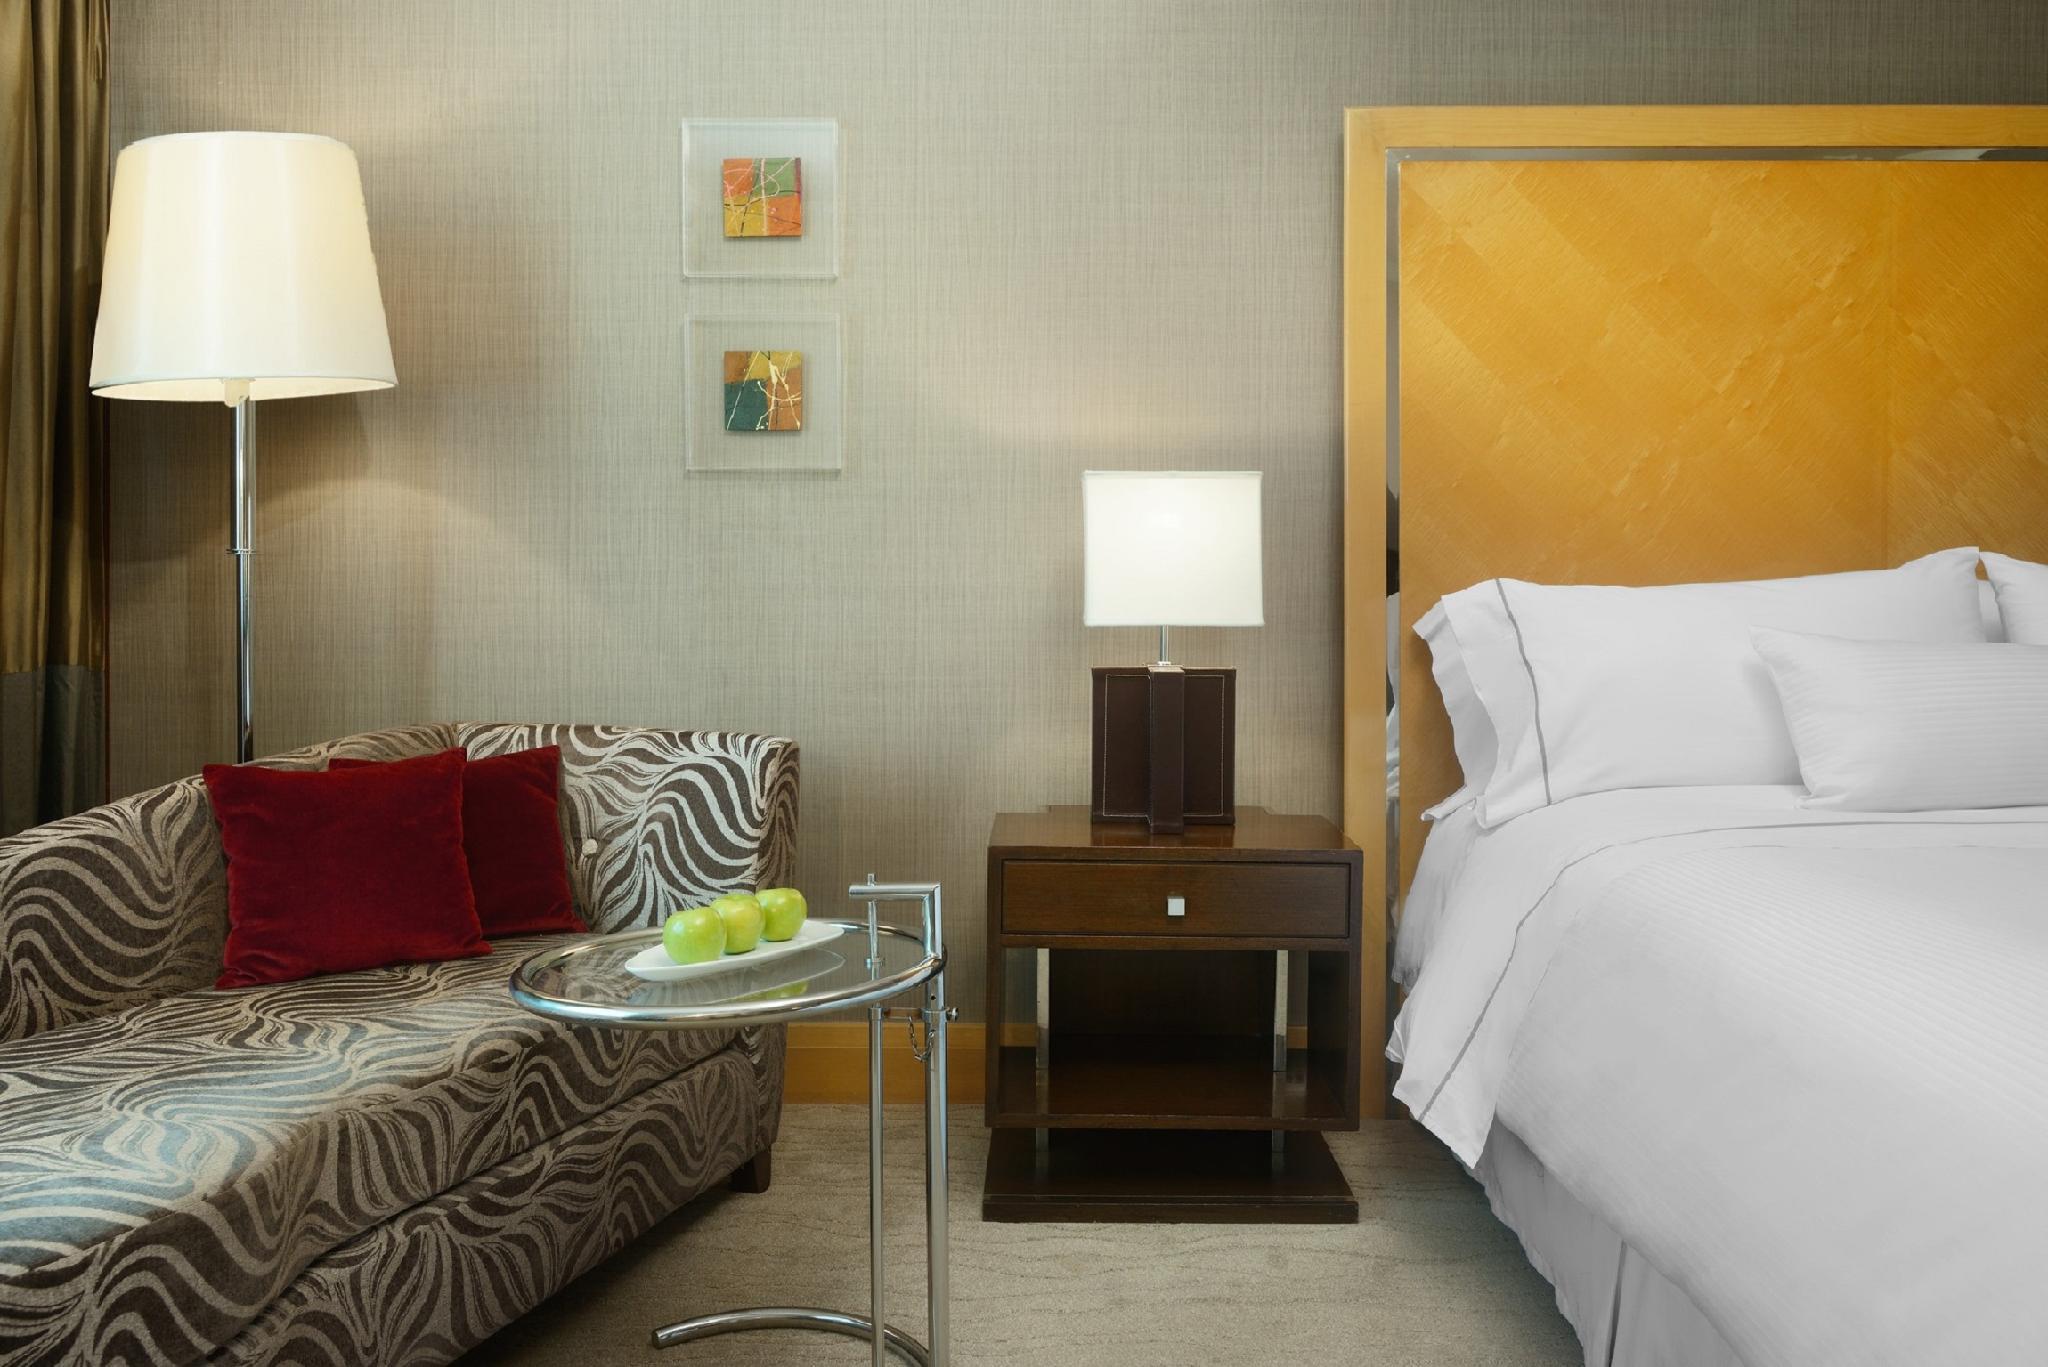 โรงแรม เดอะ เวสทิน แกรนด์ สุขุมวิท